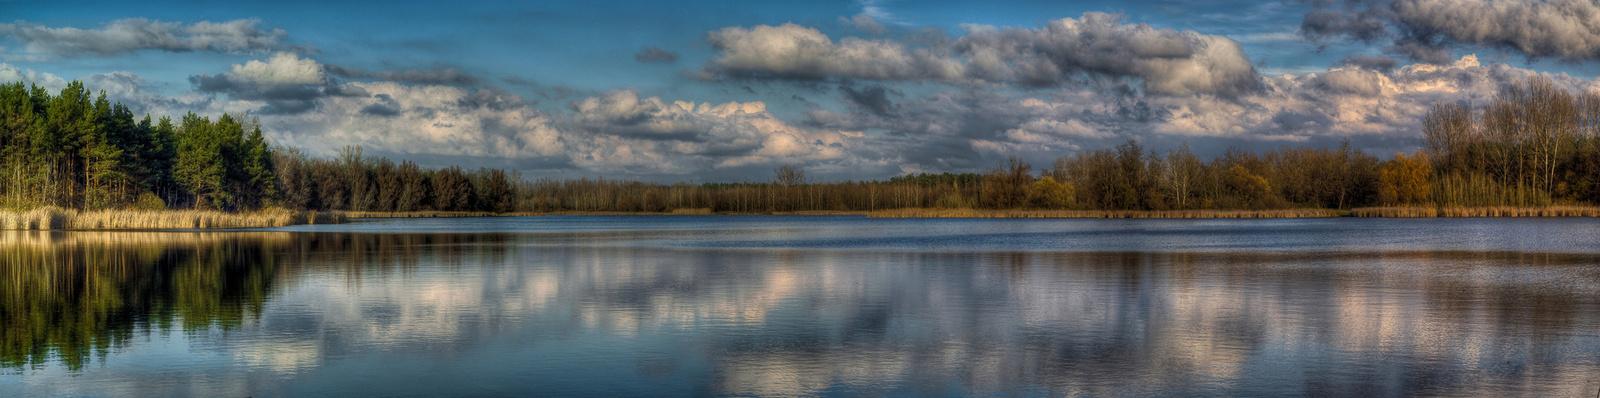 Fancsikai tó